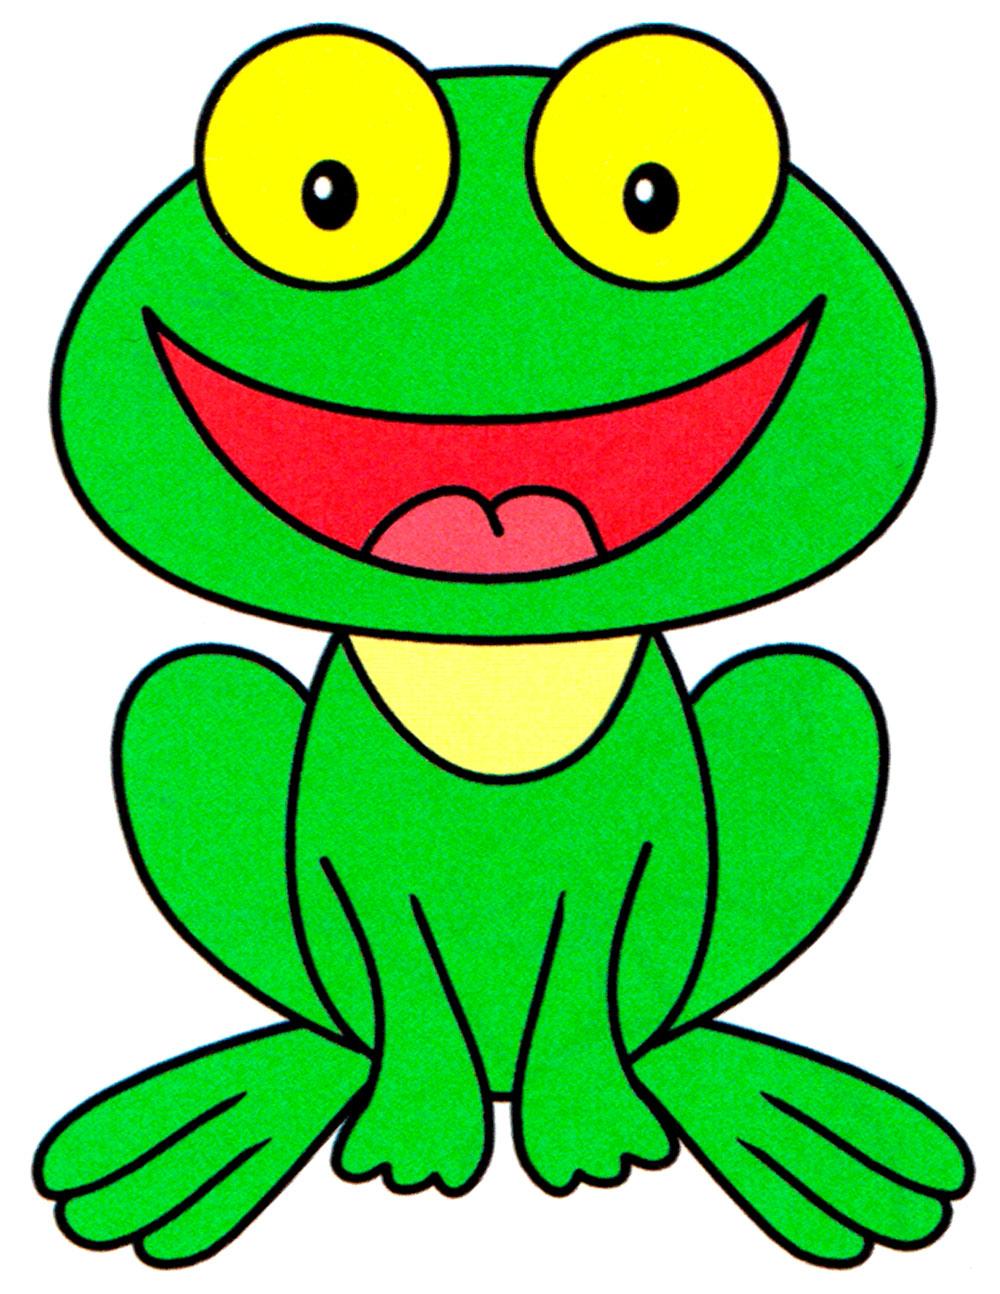 Раскраска Милый лягушонок - распечатать бесплатно